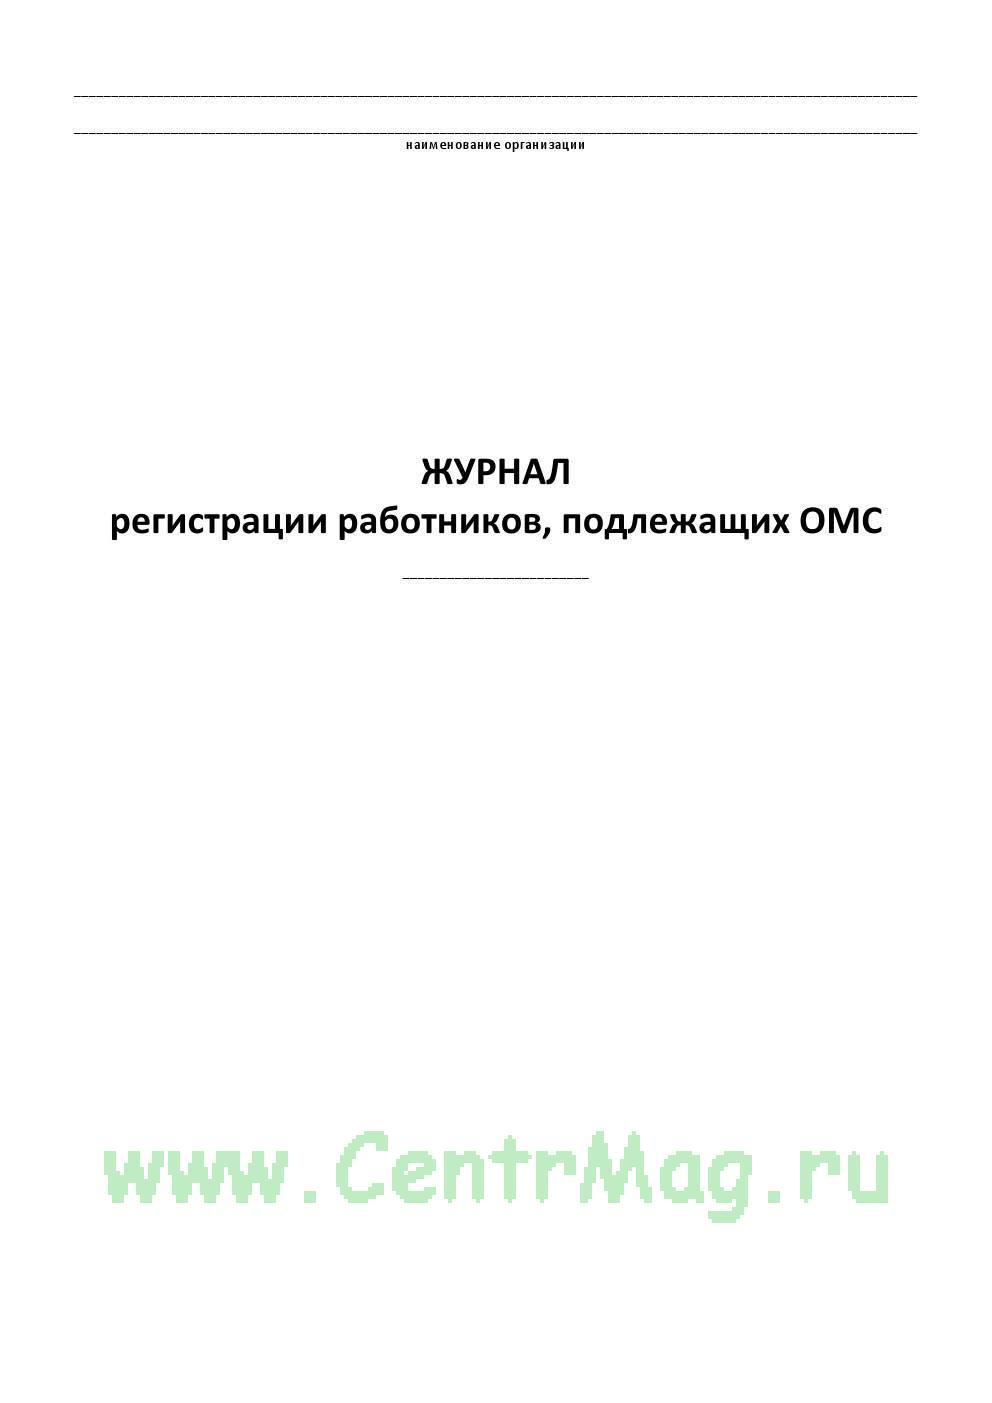 Журнал регистрации работников, подлежащих ОМС